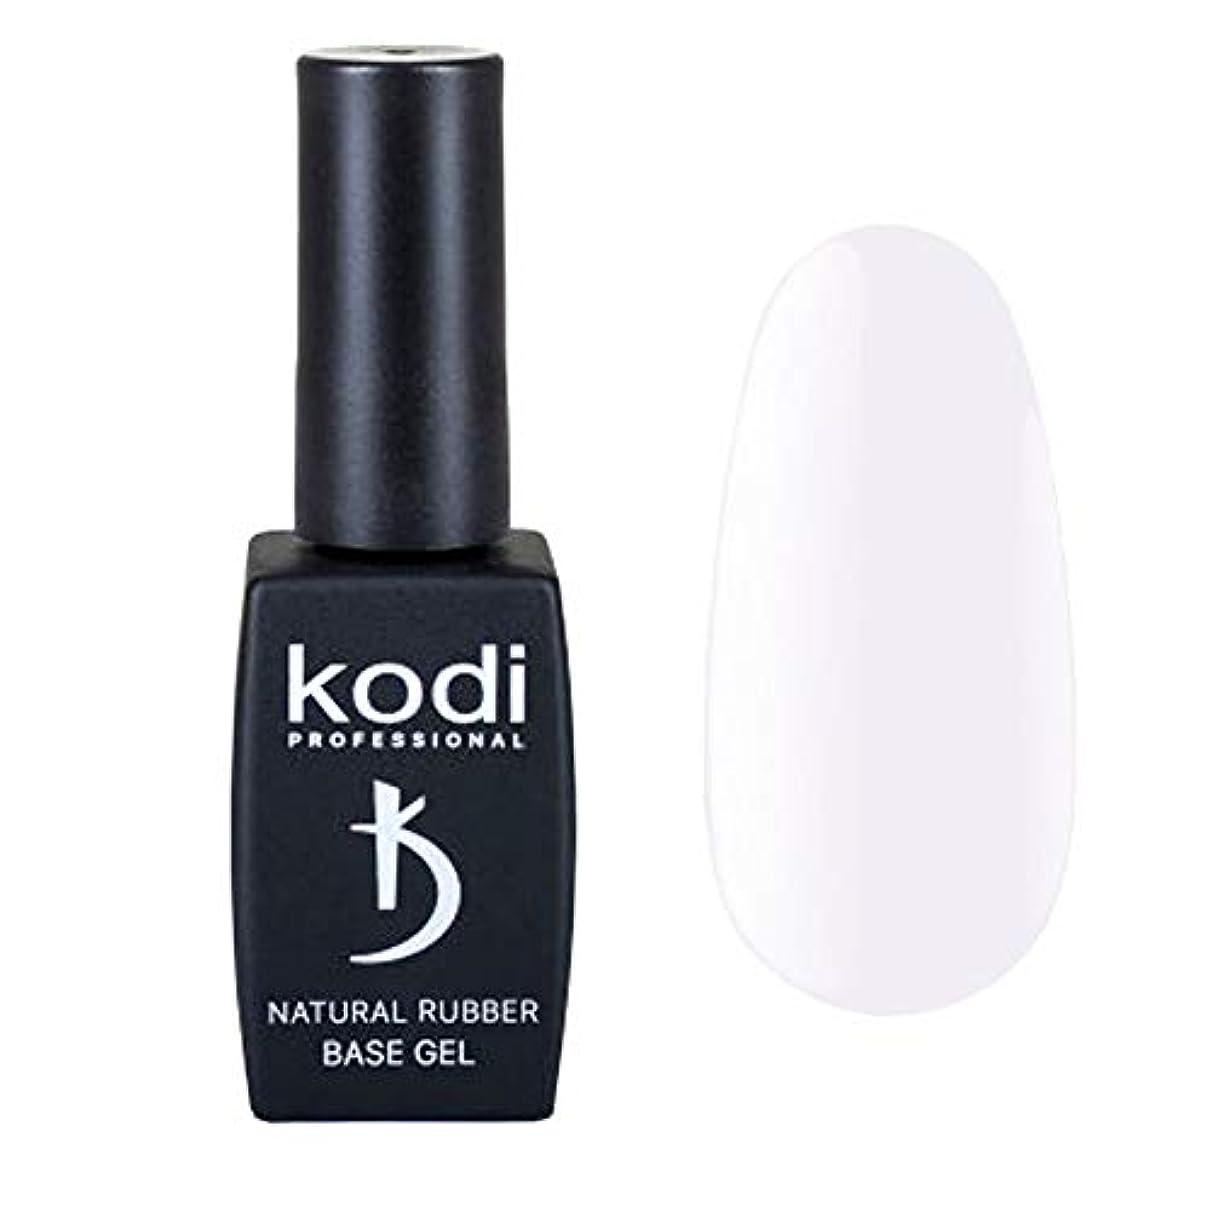 怪物体系的に作り上げるKodi Professional New Collection BW White #10 Color Gel Nail Polish 12ml 0.42 Fl Oz LED UV Genuine Soak Off